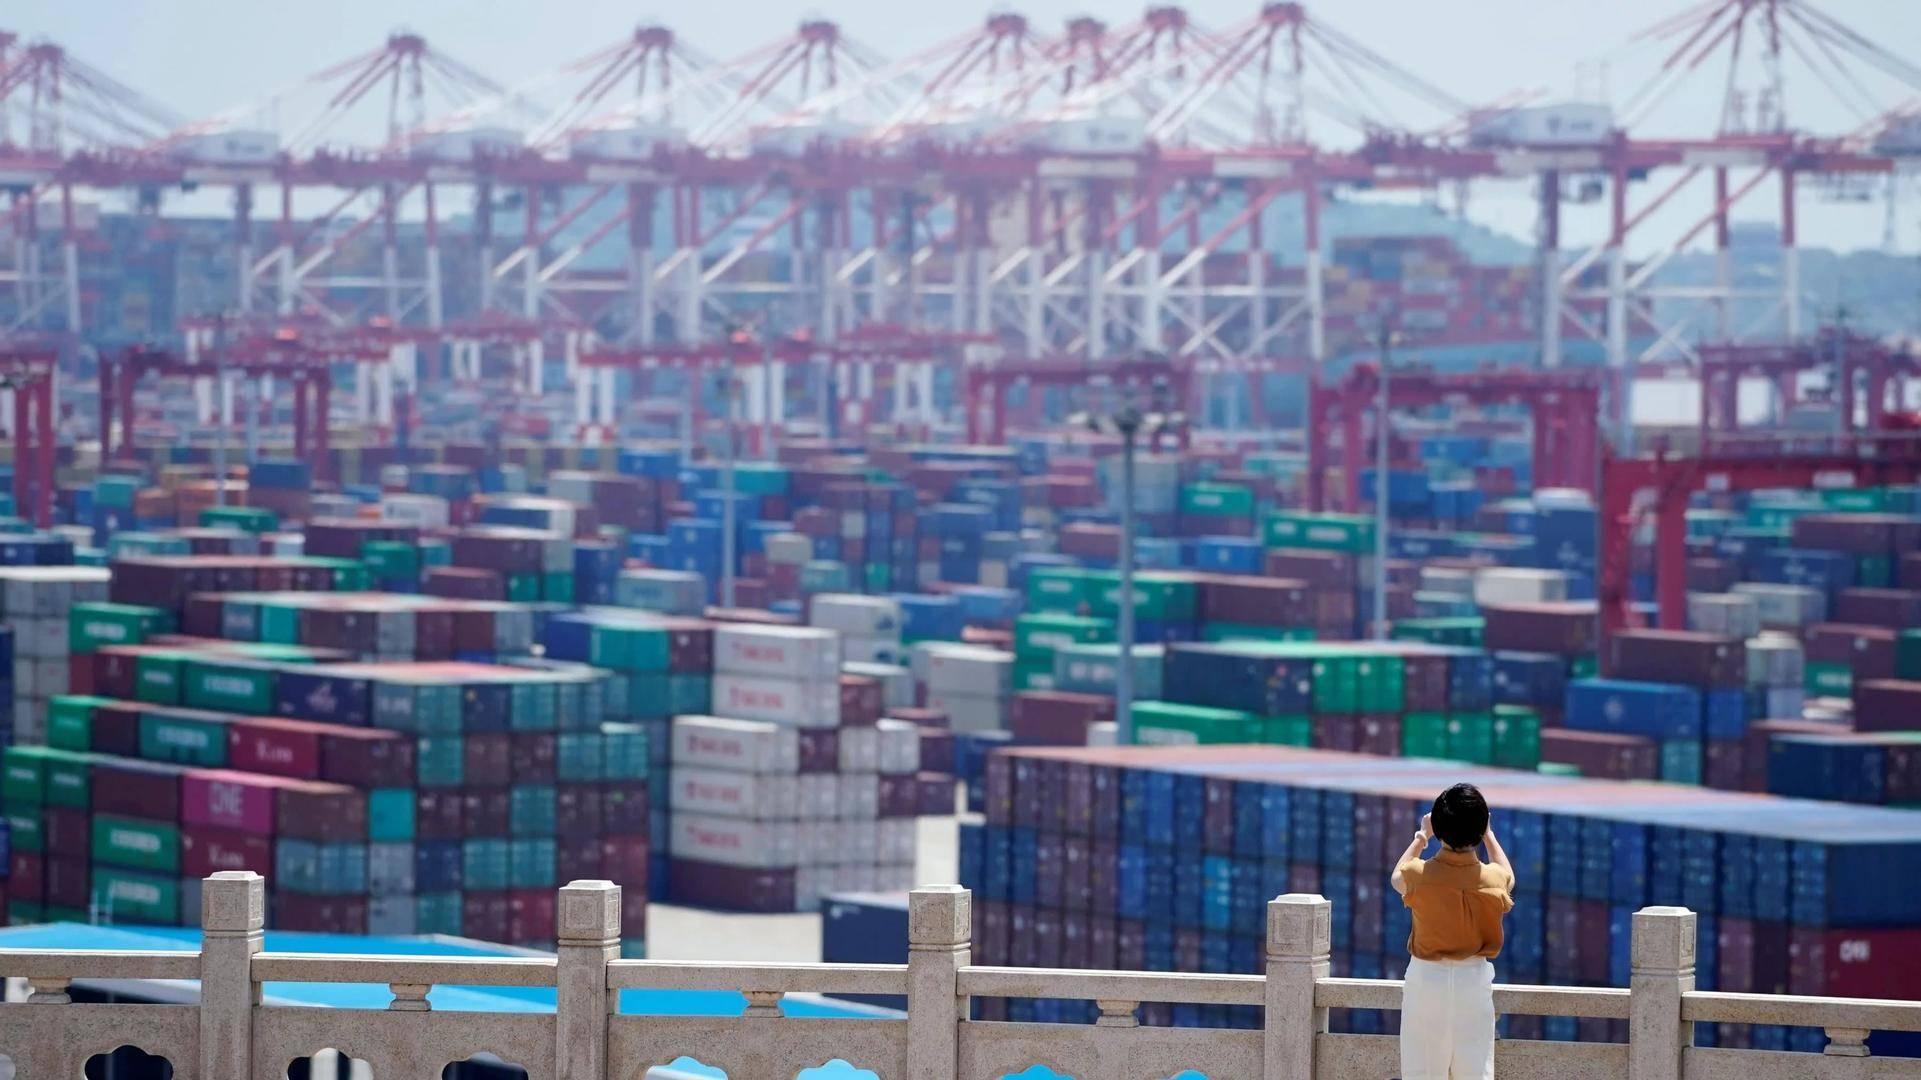 展望中美关系③中美贸易专家:对美企而言,投资中国市场才有世界竞争力